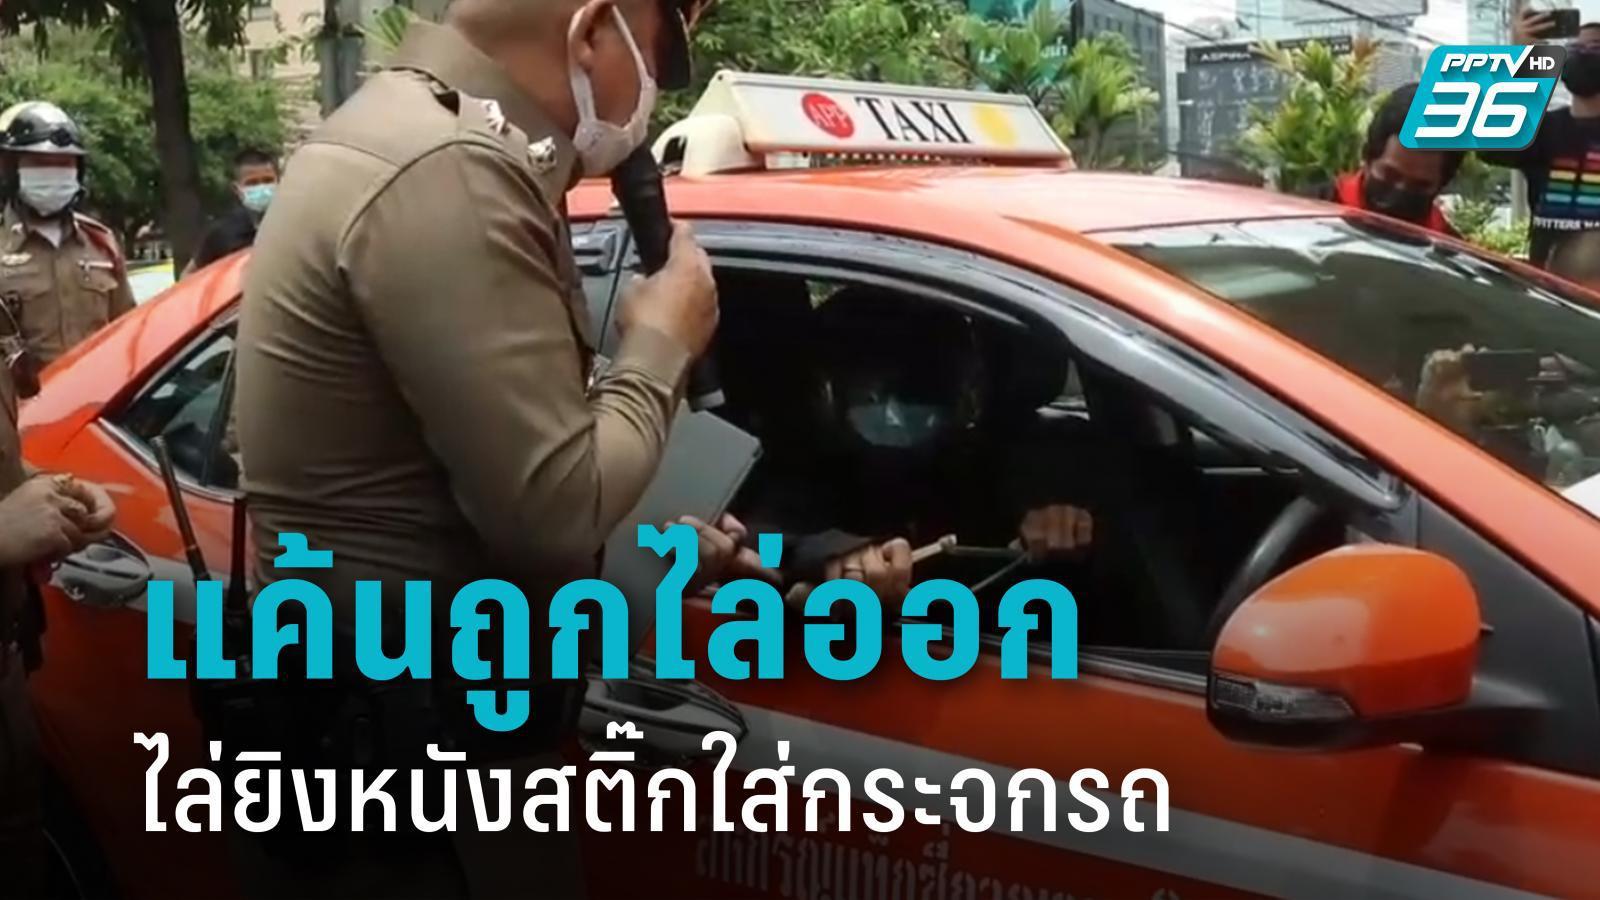 จับแล้วเเท็กซี่ มือยิงหนังสติ๊กใส่กระจกรถ อ้างเป็นอดีตคนขับรถเมล์ แค้นถูกไล่ออก